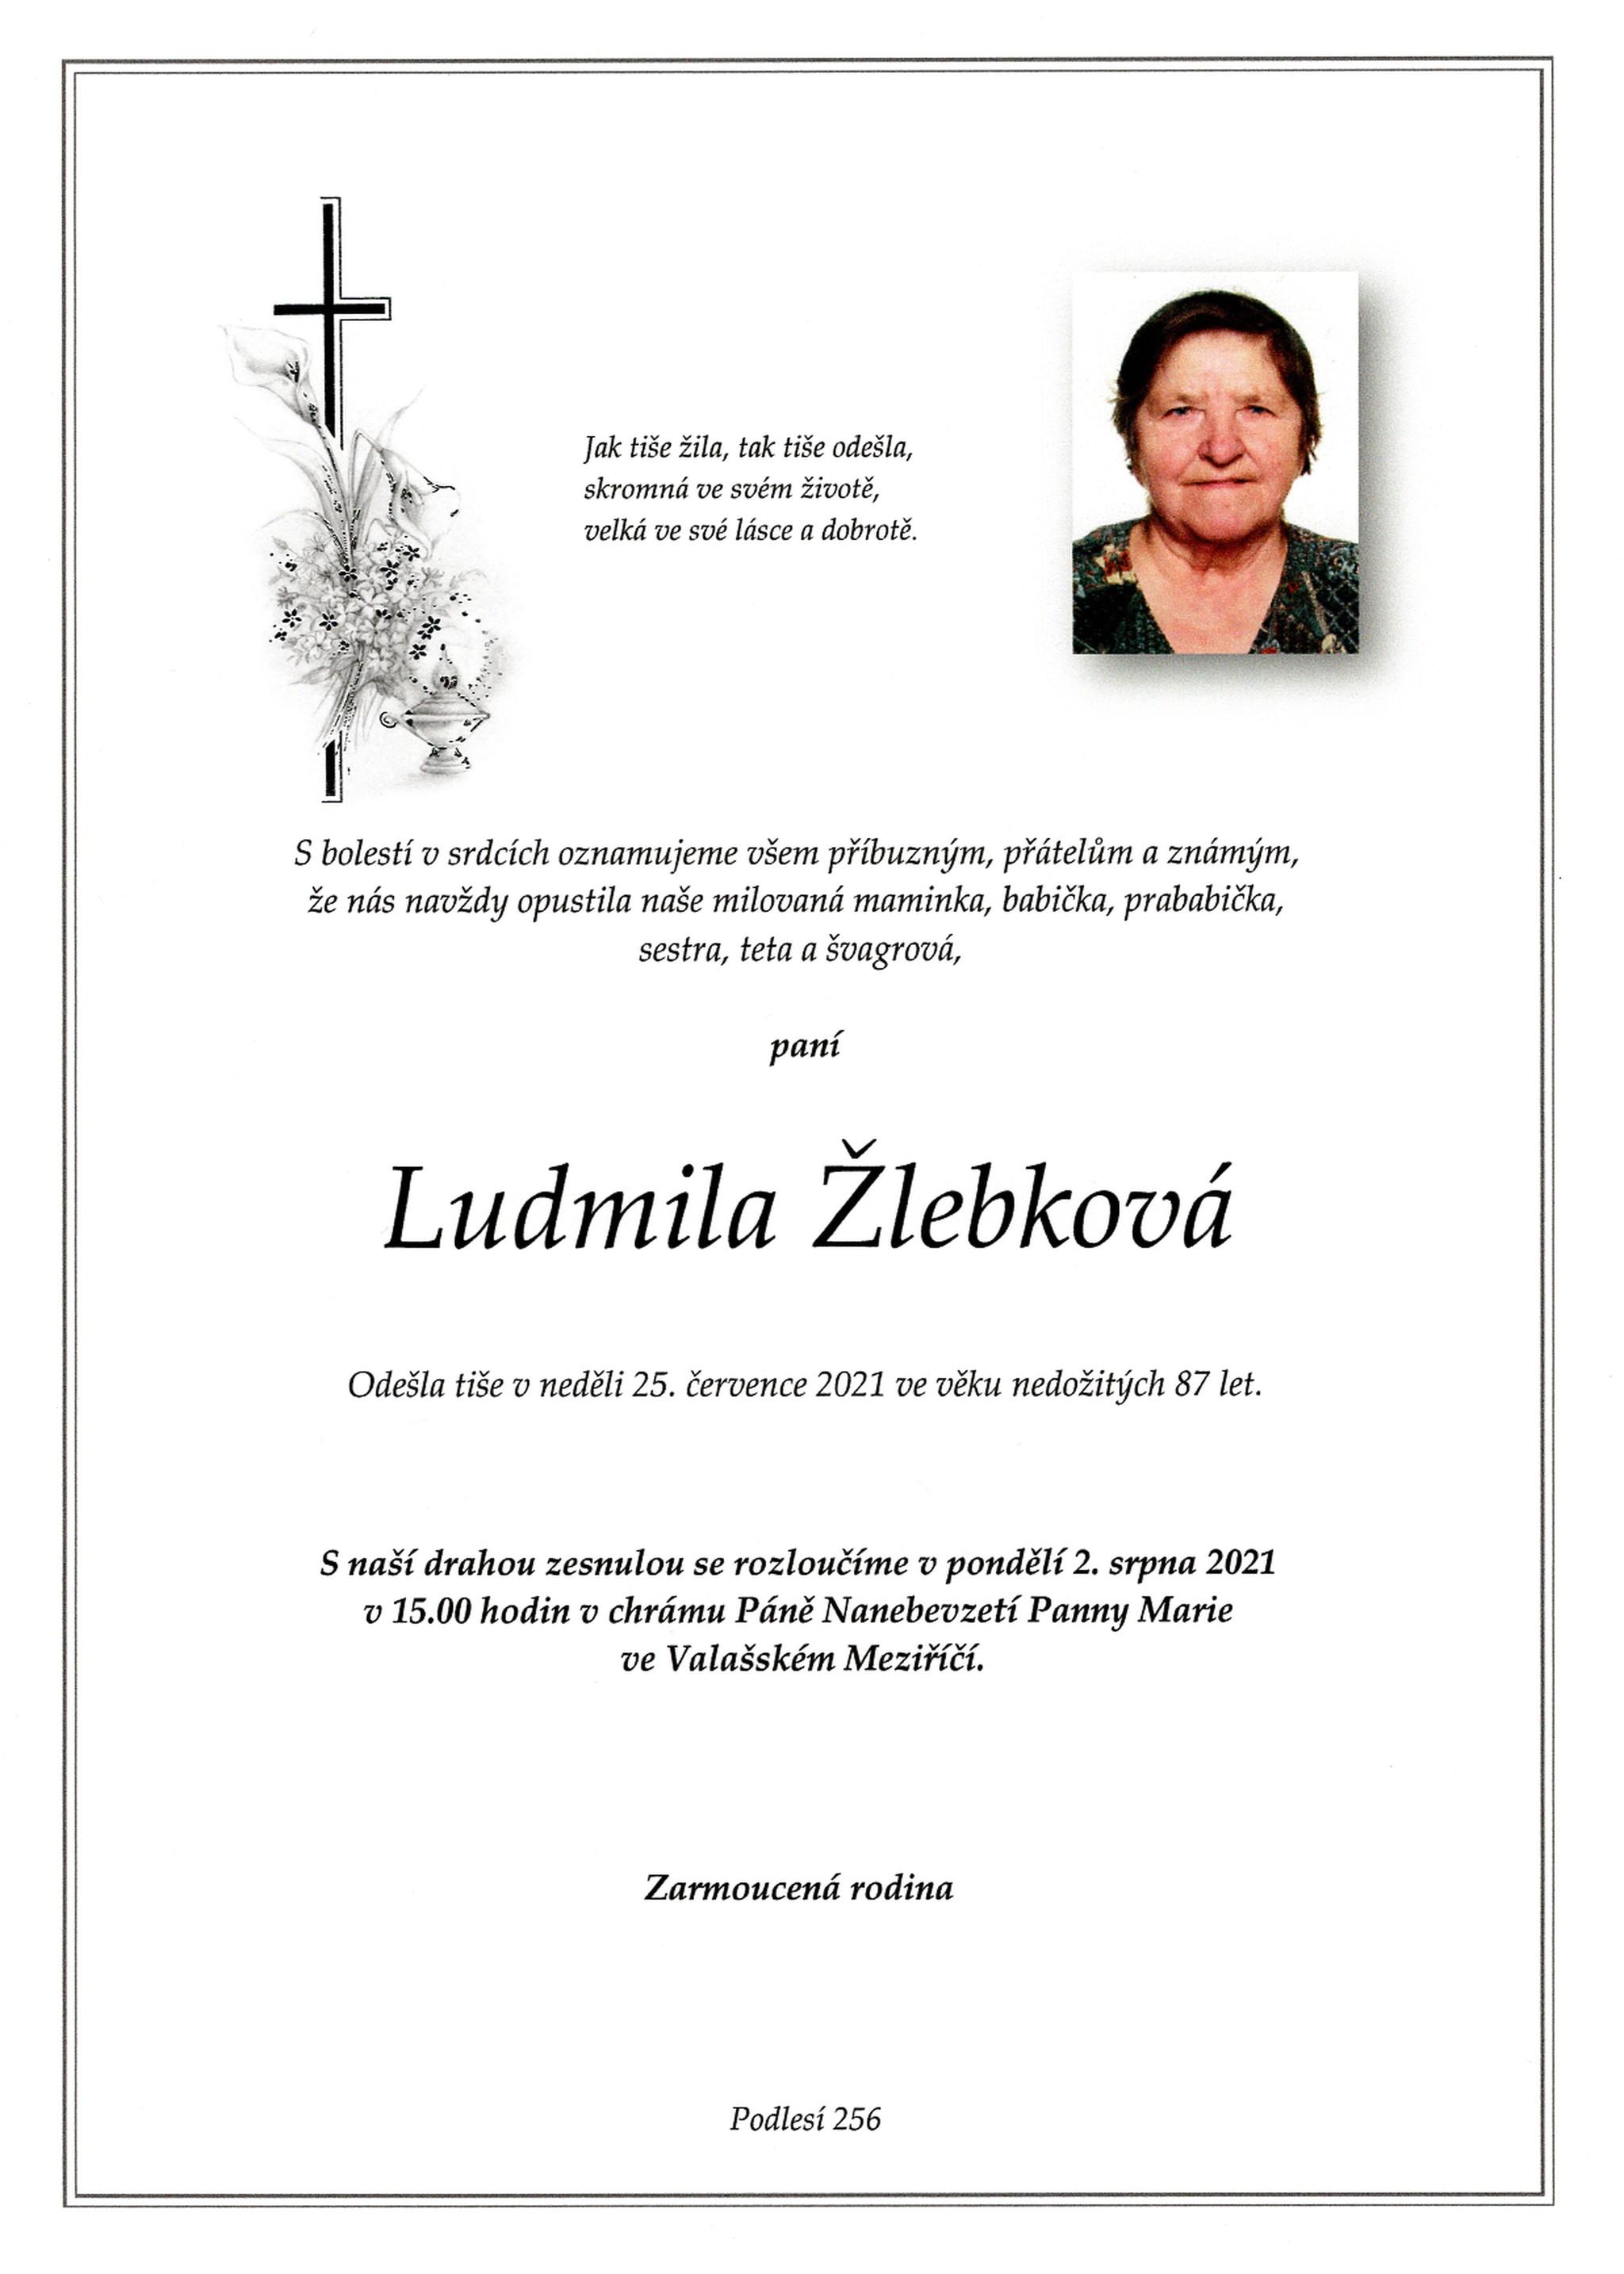 Ludmila Žlebková